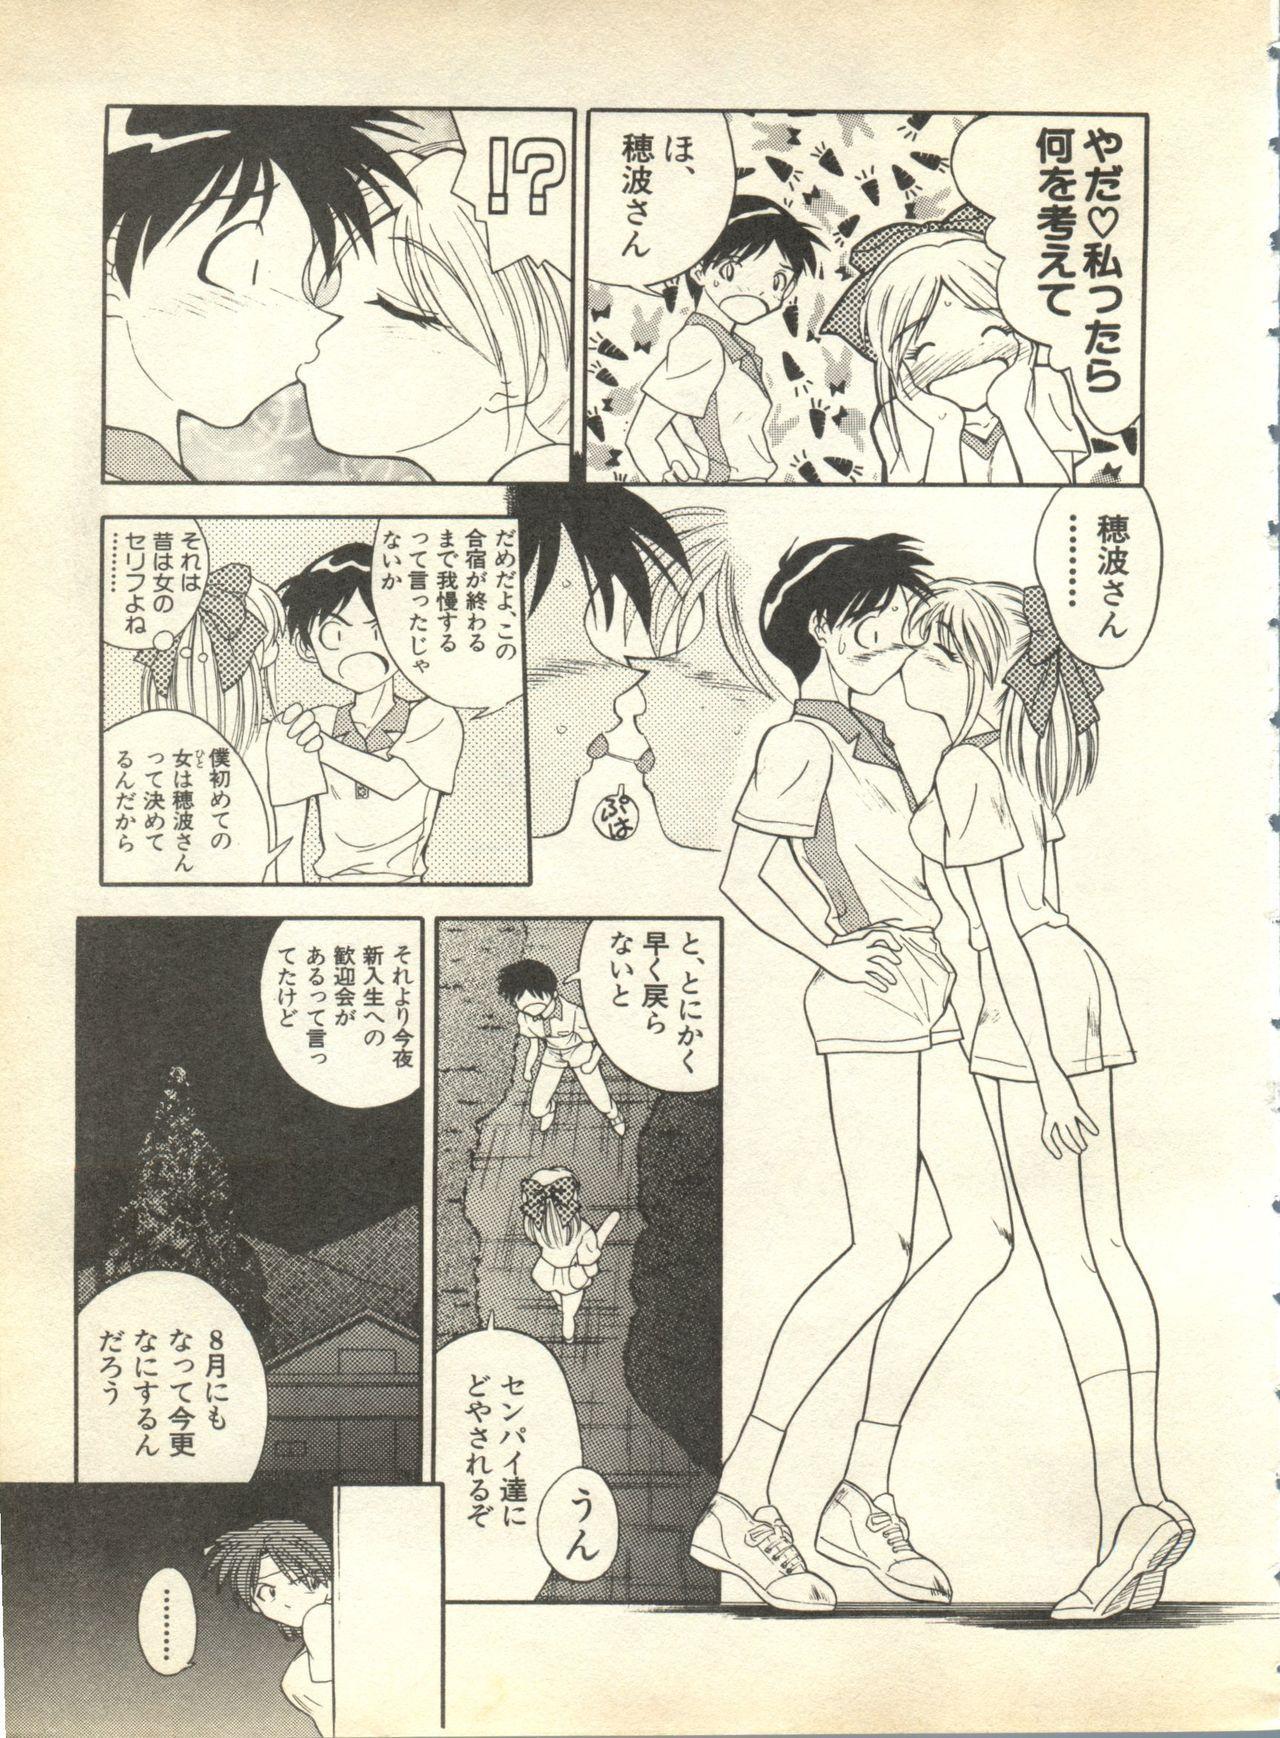 Pai;kuu 1998 October Vol. 13 6